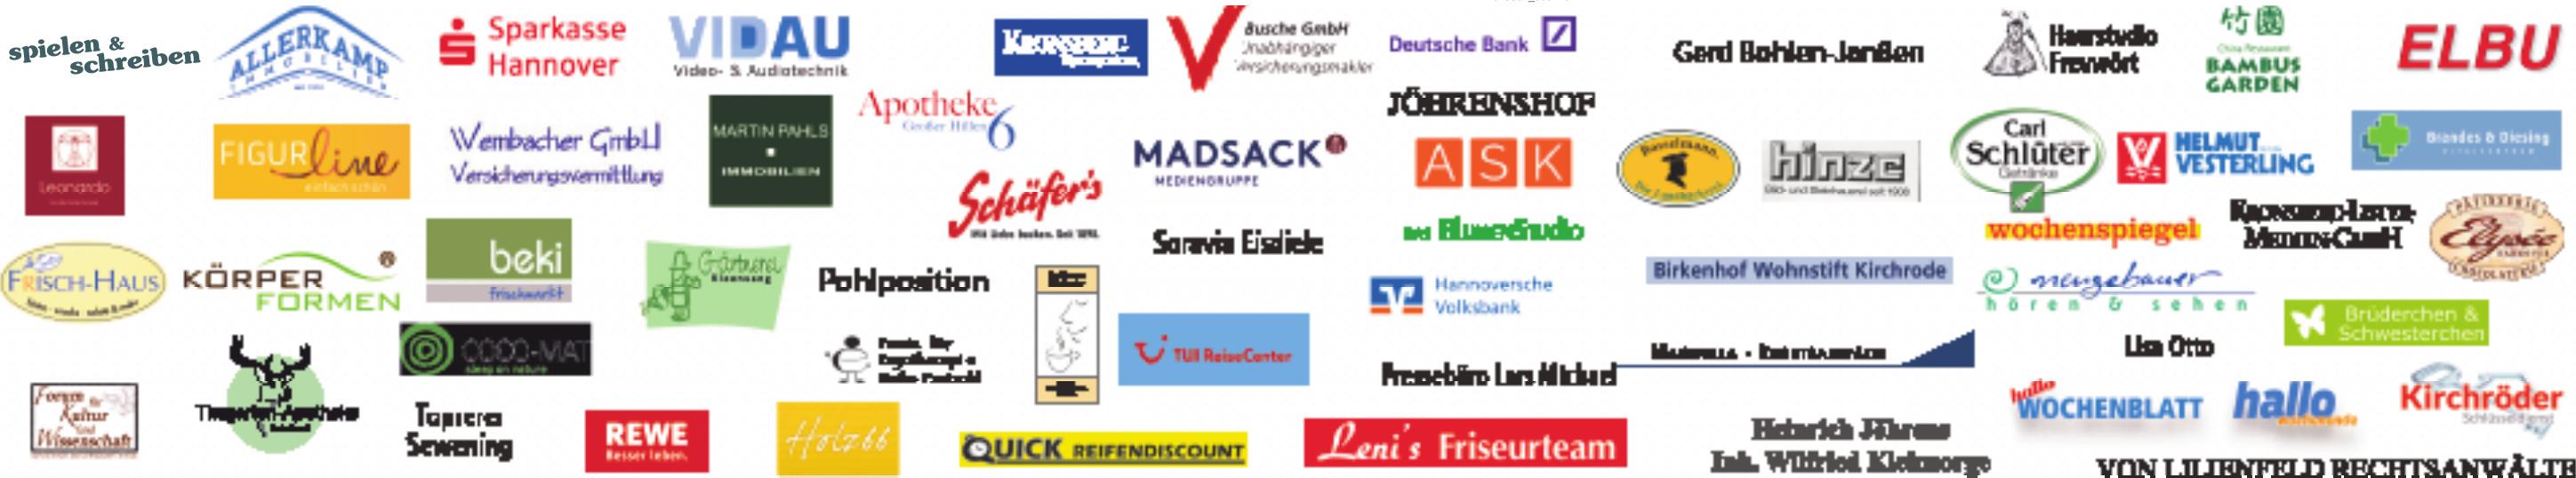 Die GKK ruft zur Solidarität für die Einzelhändler und deren kleine Betriebe auf Image 1